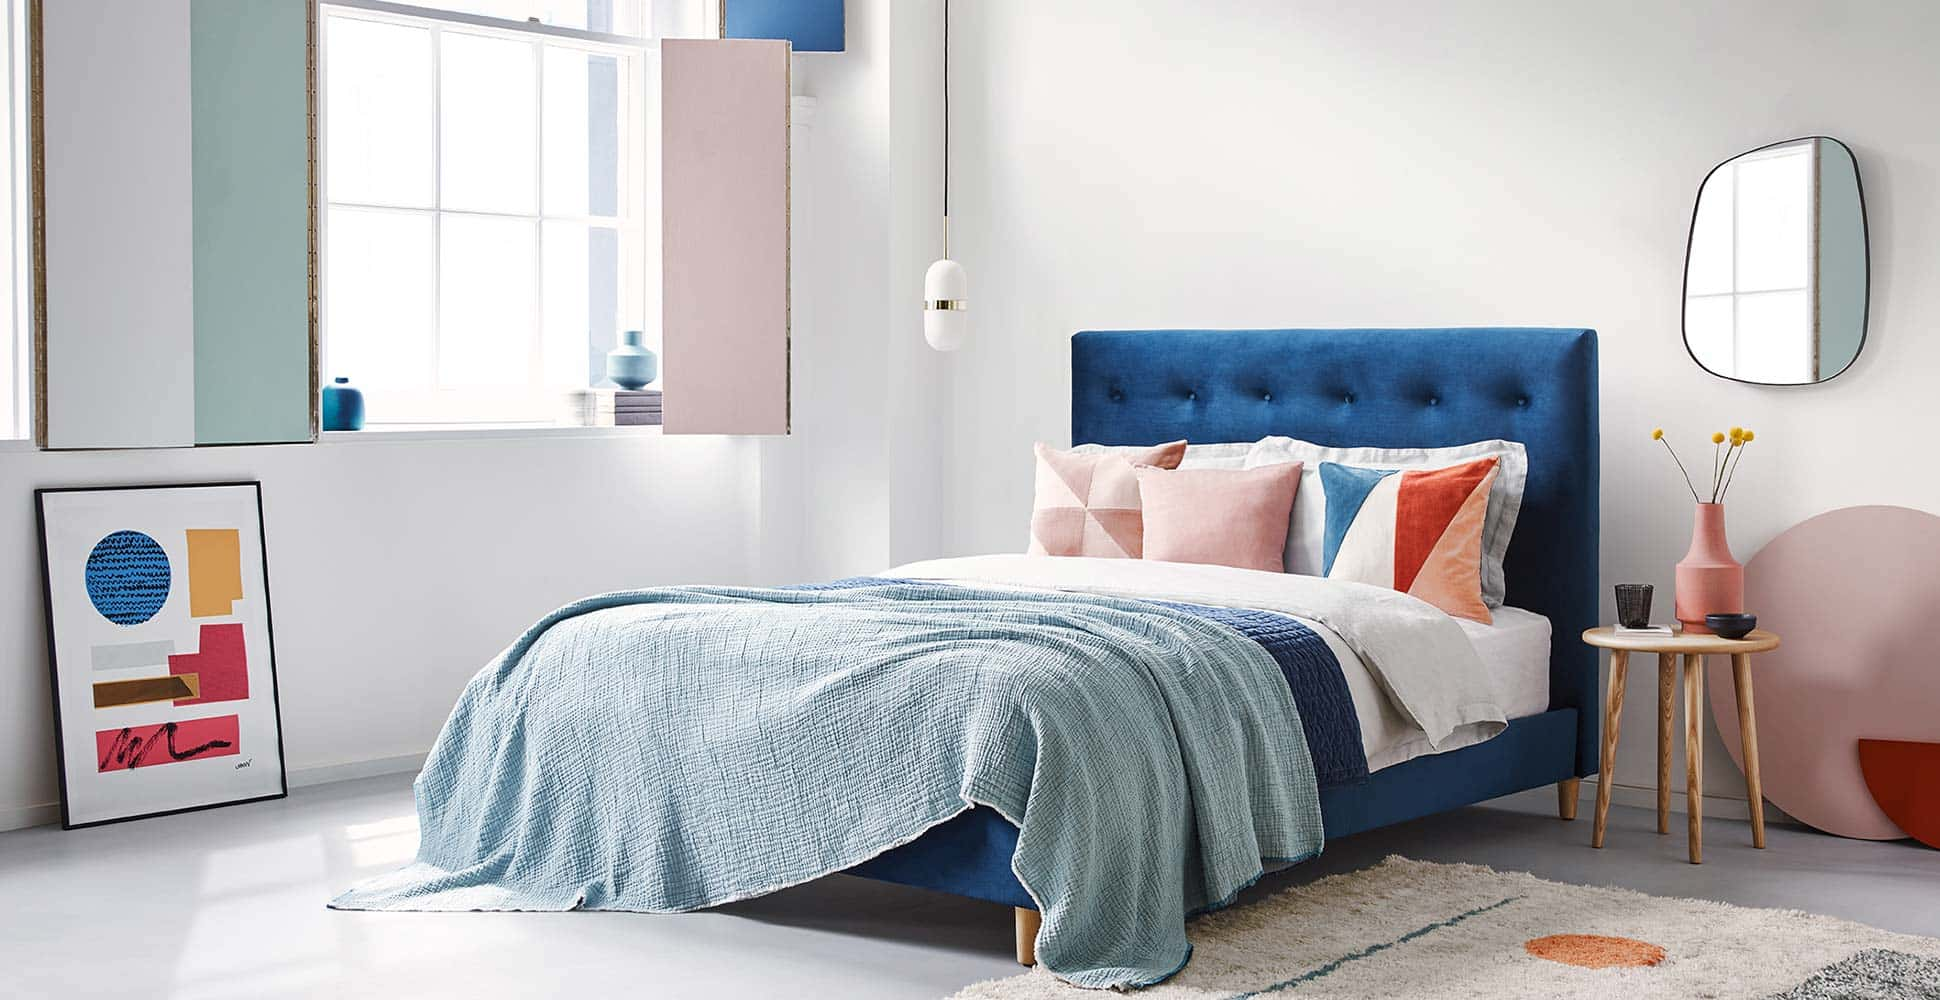 Image Pour Mettre Dans Un Cadre idées déco] décorer la chambre avec des cadres | cocon